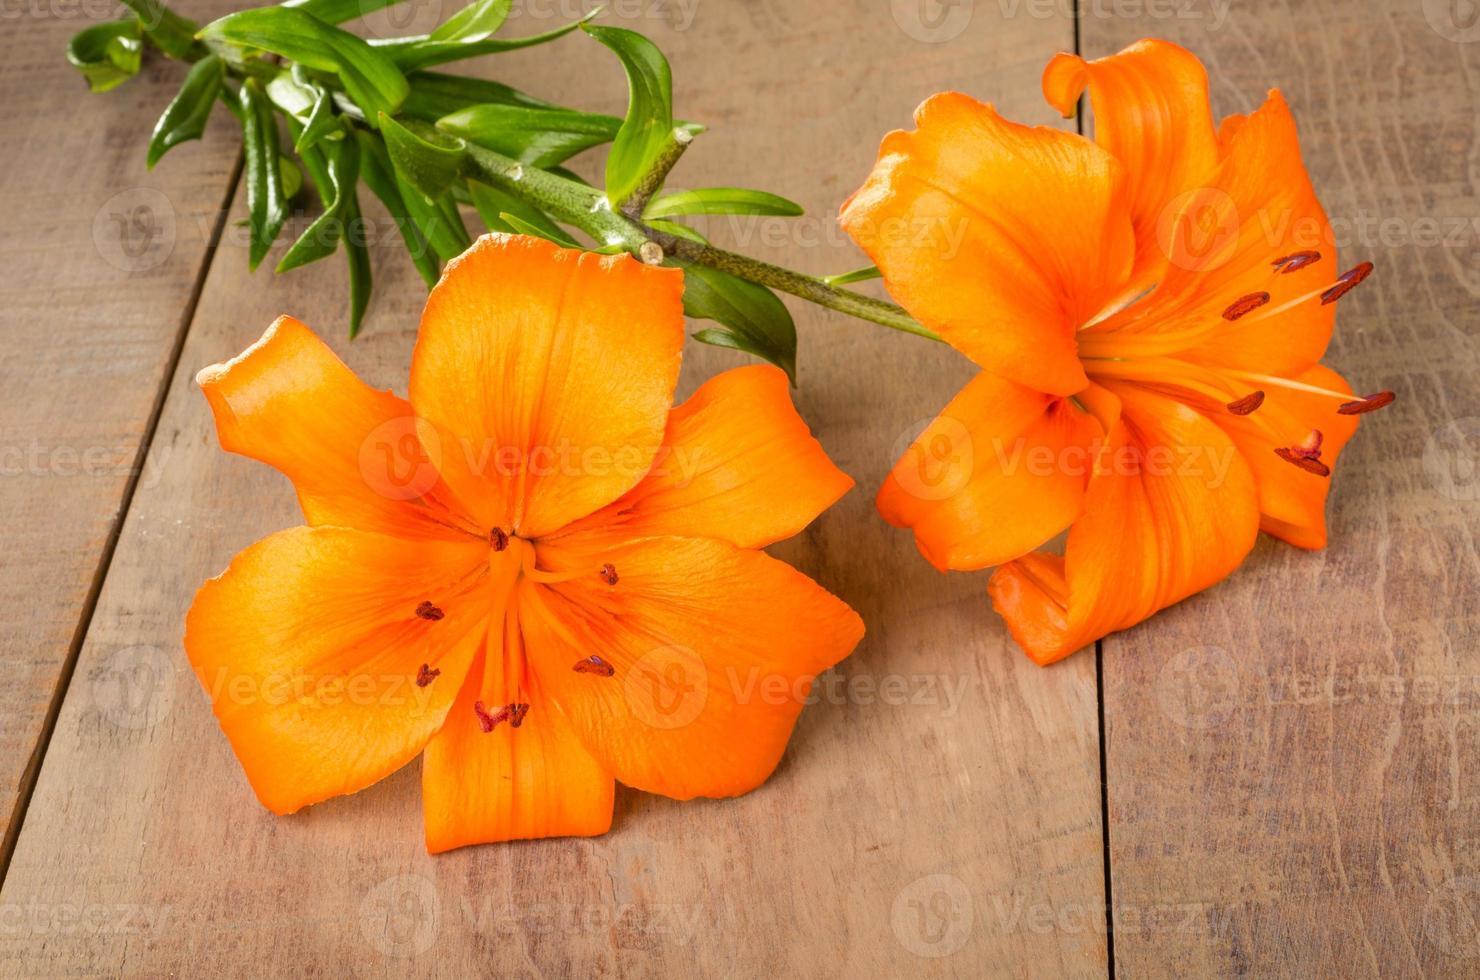 Flores de lirio naranja sobre una mesa de madera foto